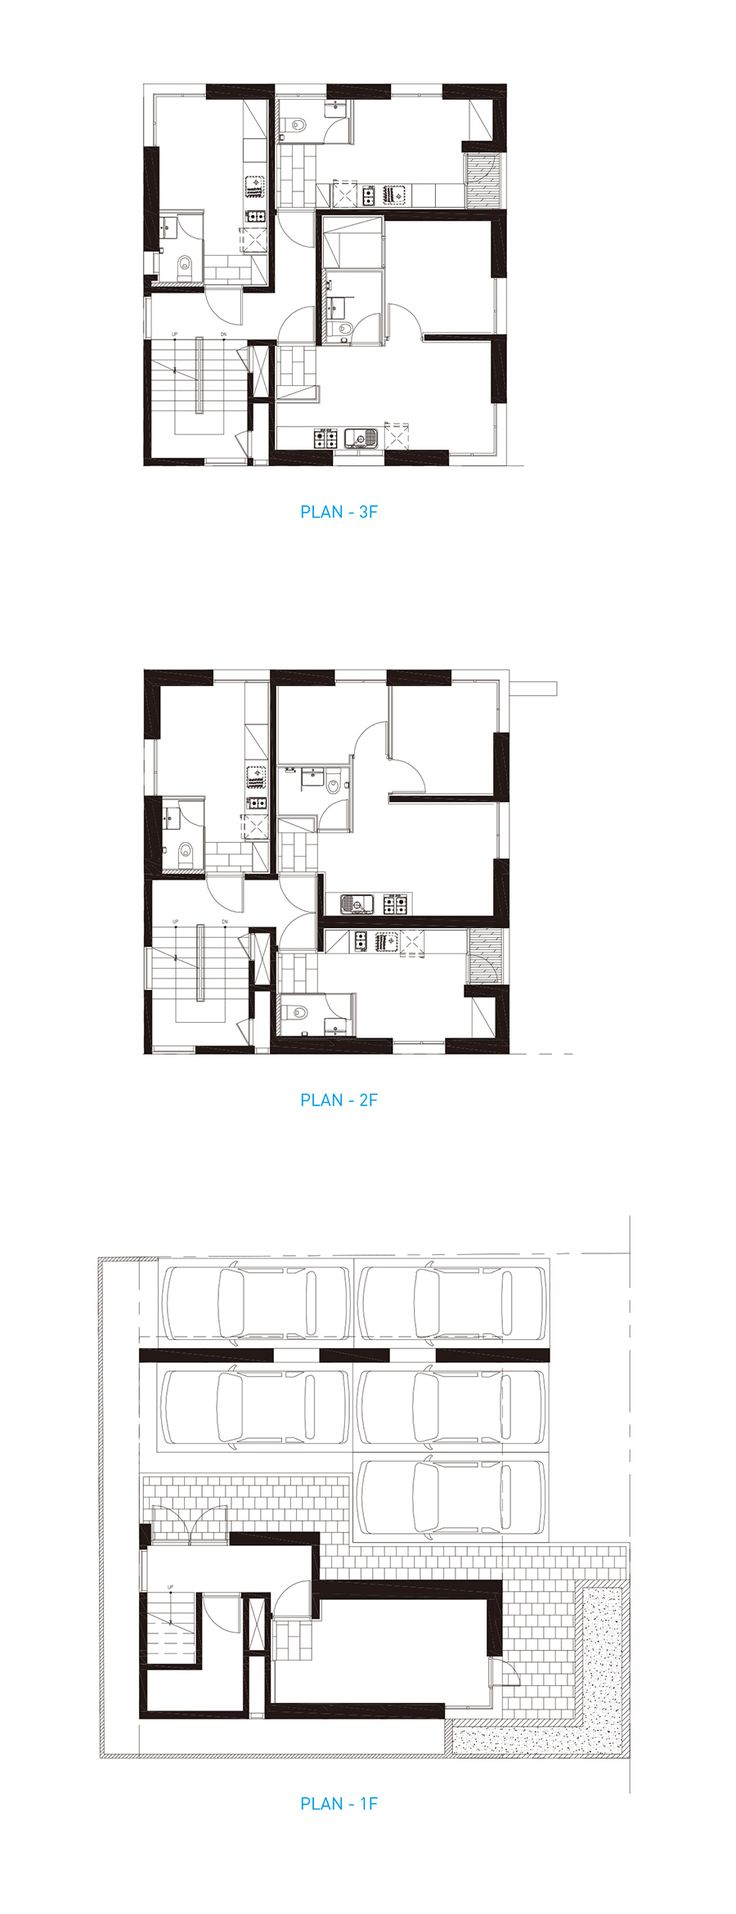 [BY 월간 전원속의 내집] [수익률 높이는 상가주택 디자인] 001 입주자의 감각적인 눈높이를 맞춘 다세...